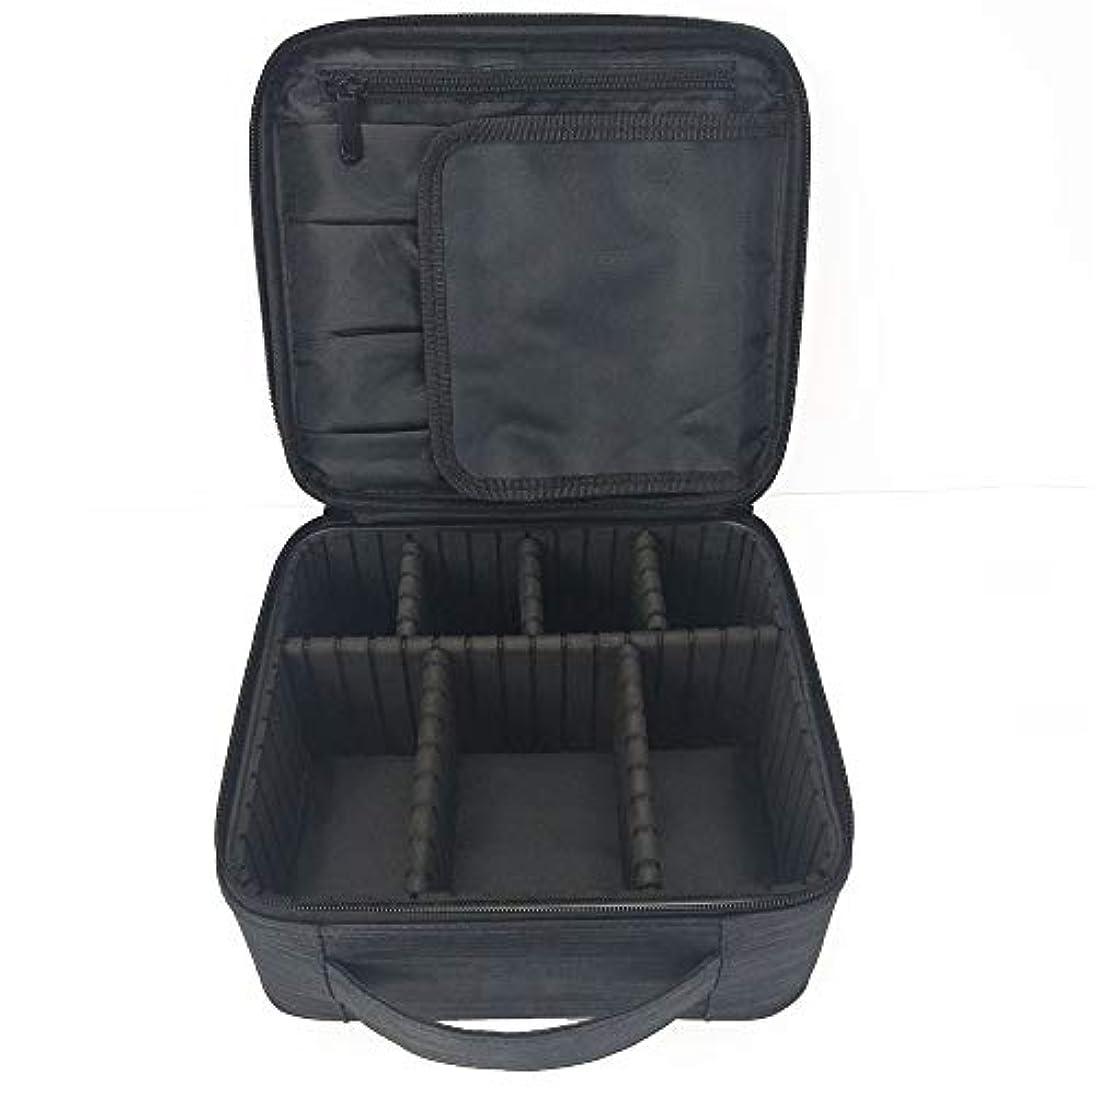 女王学士頑張る化粧オーガナイザーバッグ 調整可能な仕切り付き防水メイクアップバッグ旅行化粧ケースブラシホルダー 化粧品ケース